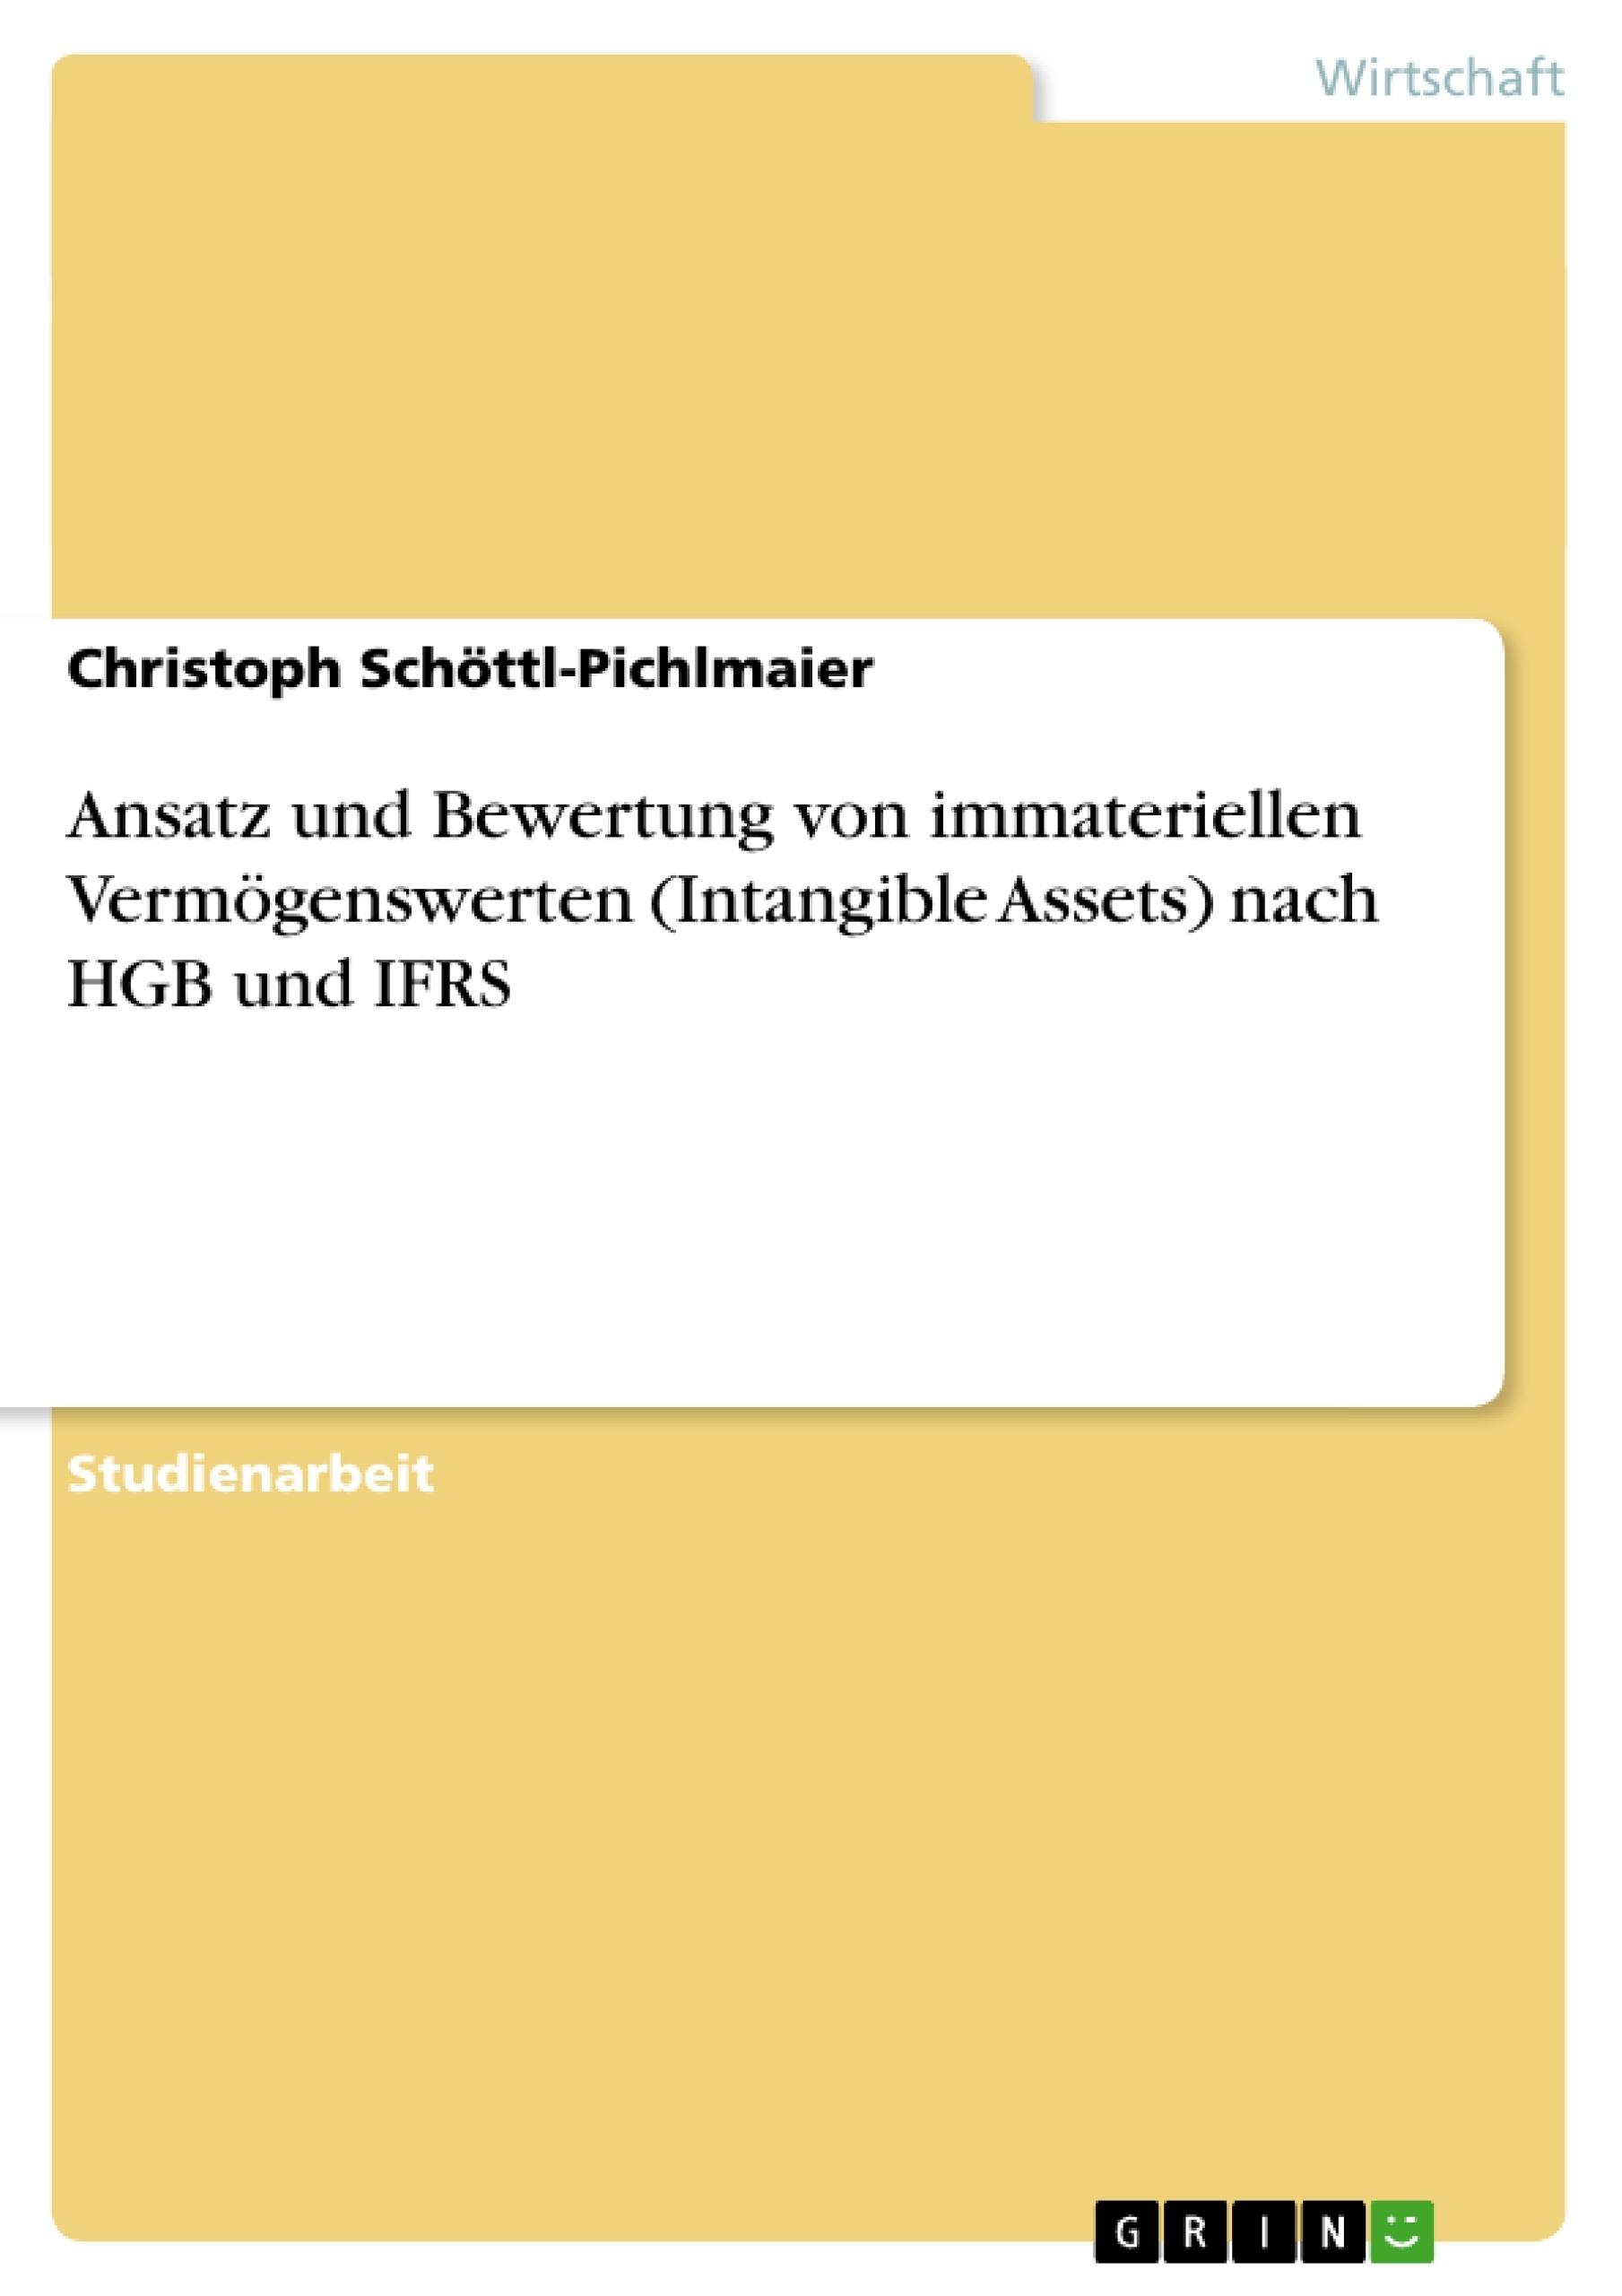 Titel: Ansatz und Bewertung von immateriellen Vermögenswerten (Intangible Assets) nach HGB und IFRS